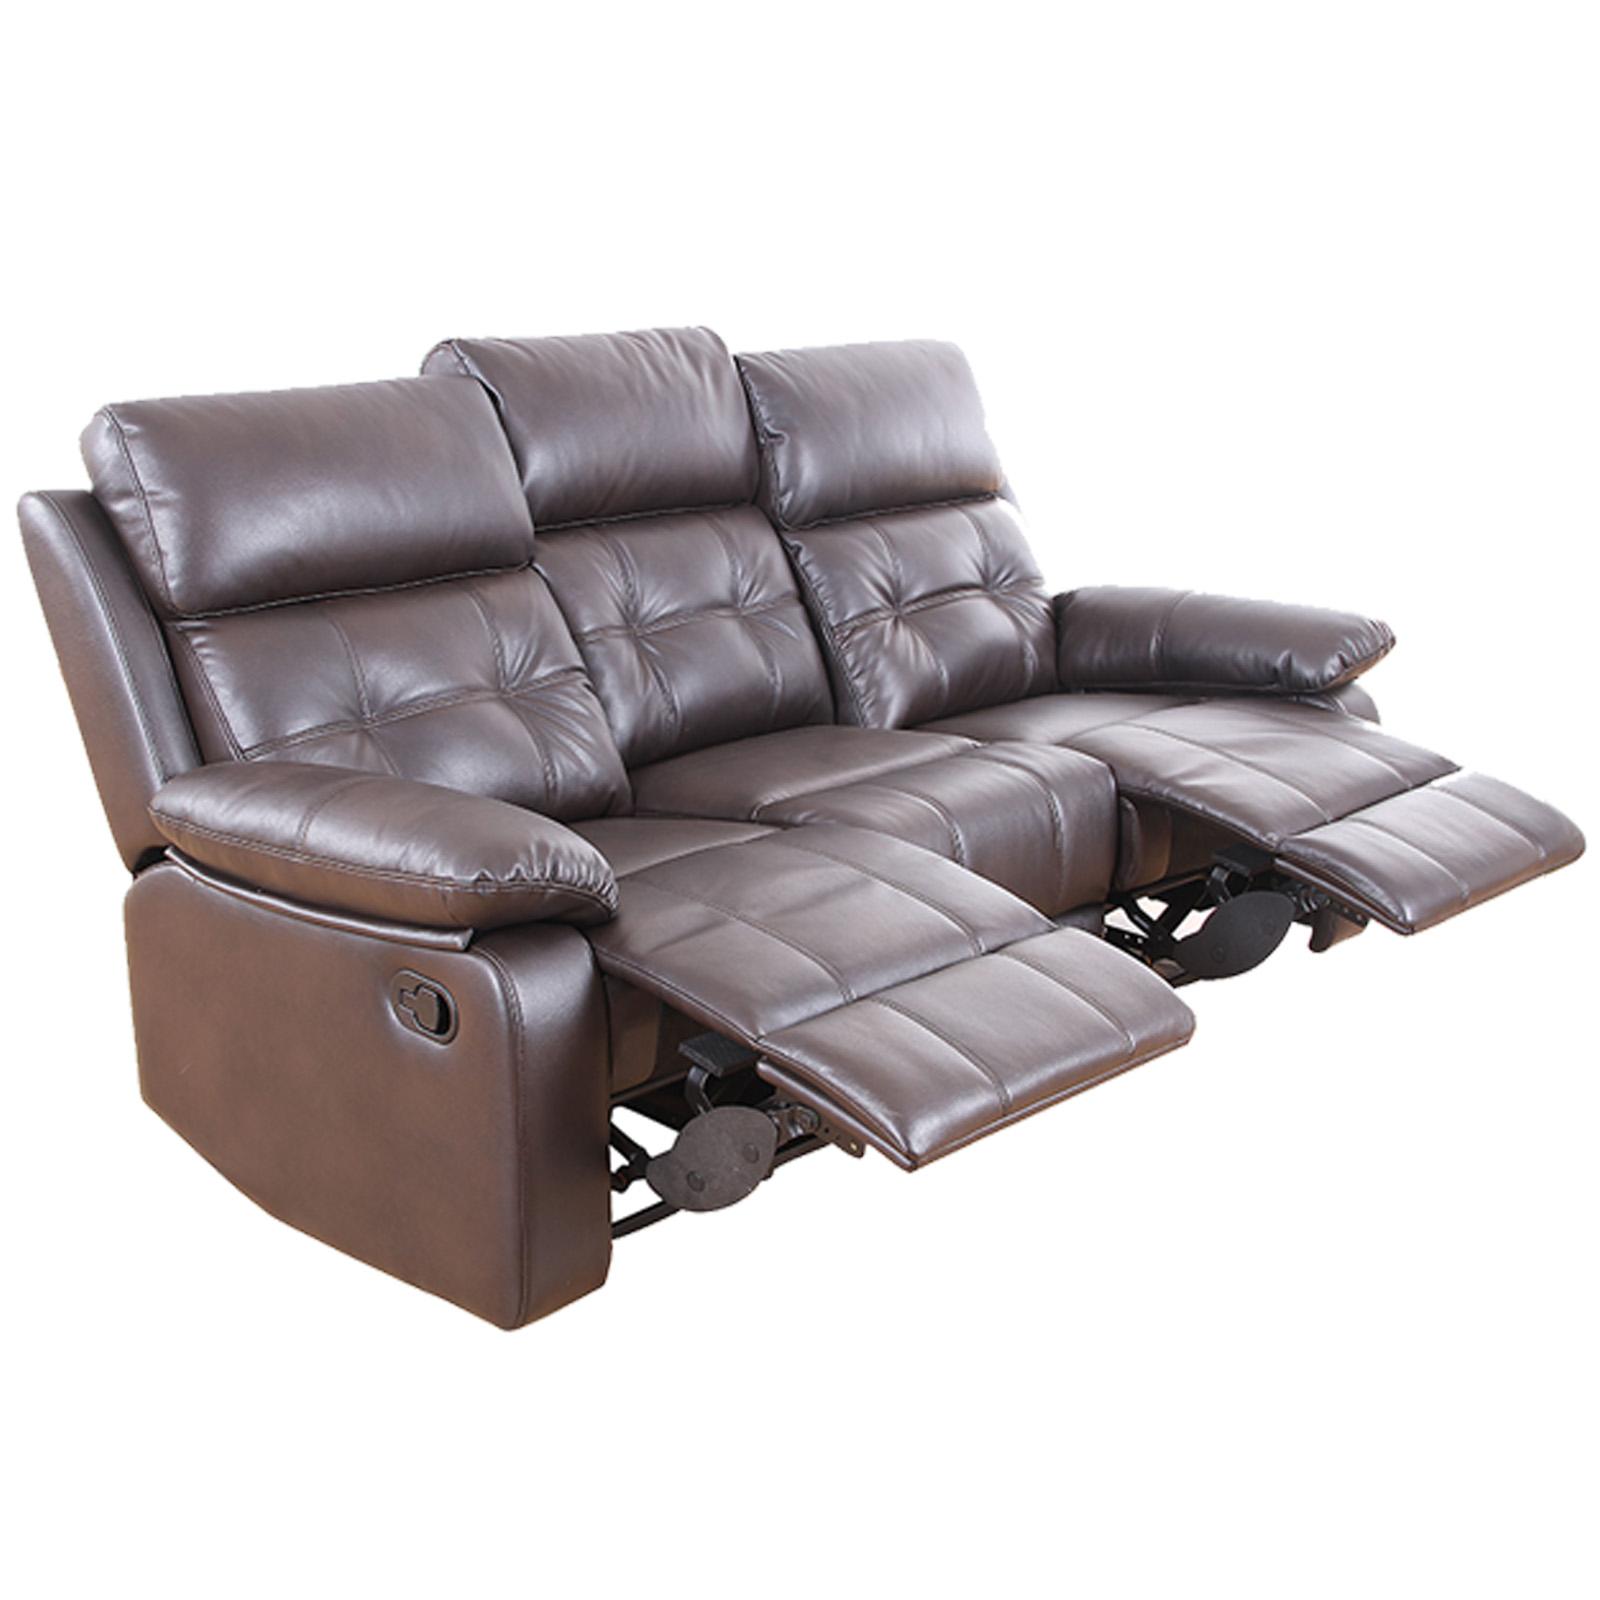 3 Sitzer Sofa dunkelbraun Kunstleder Relaxfunktion